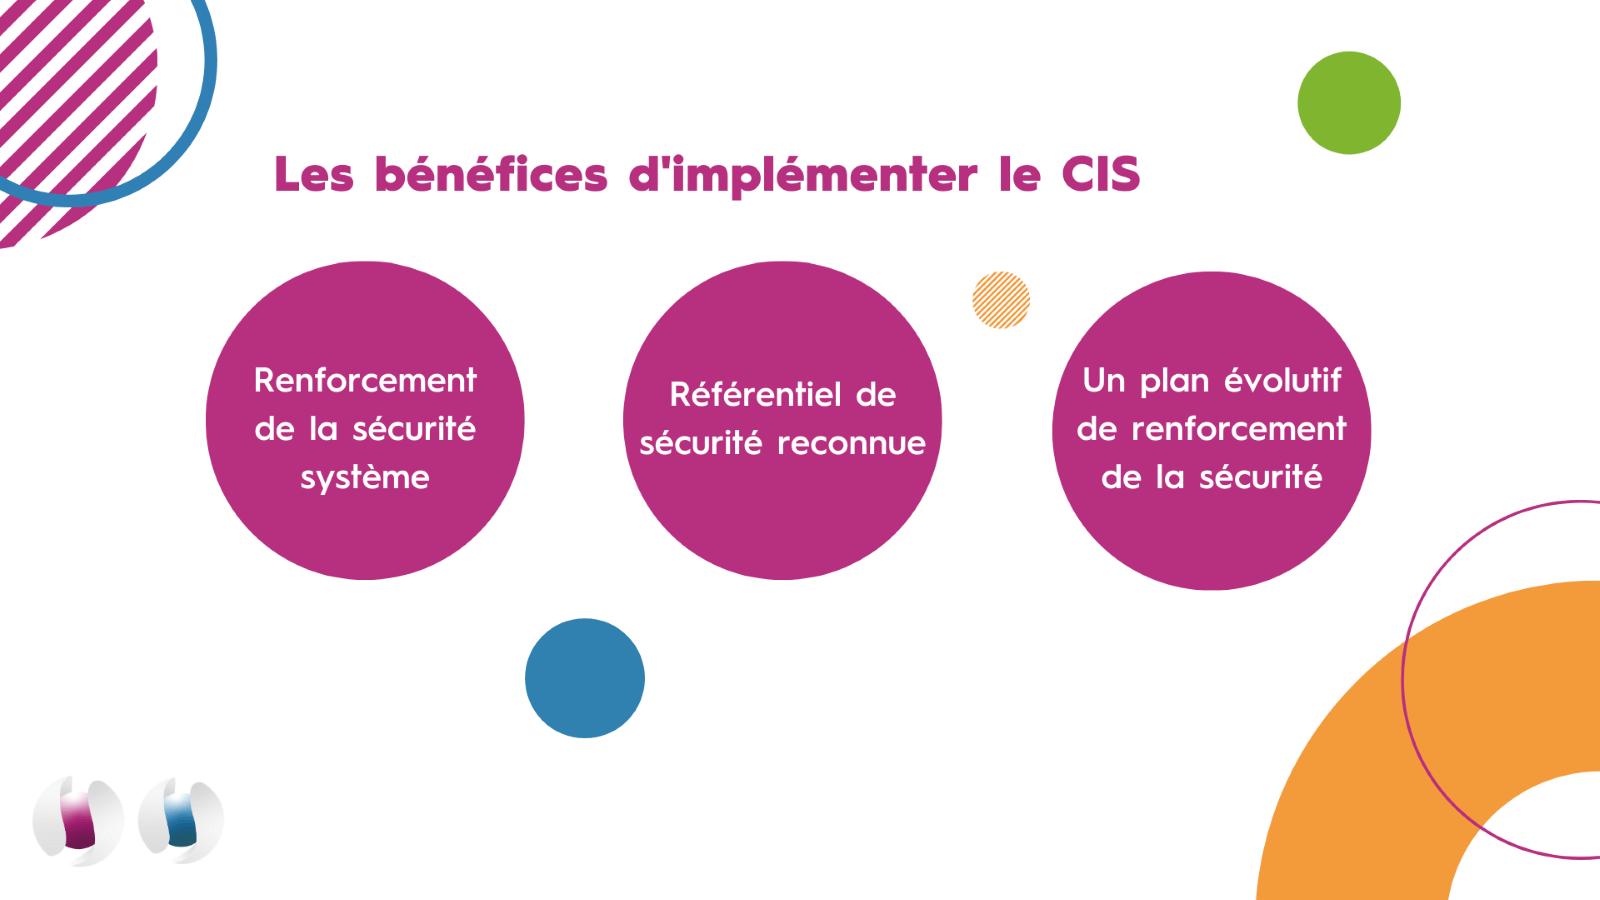 Les bénéfices d'implémenter le CIS